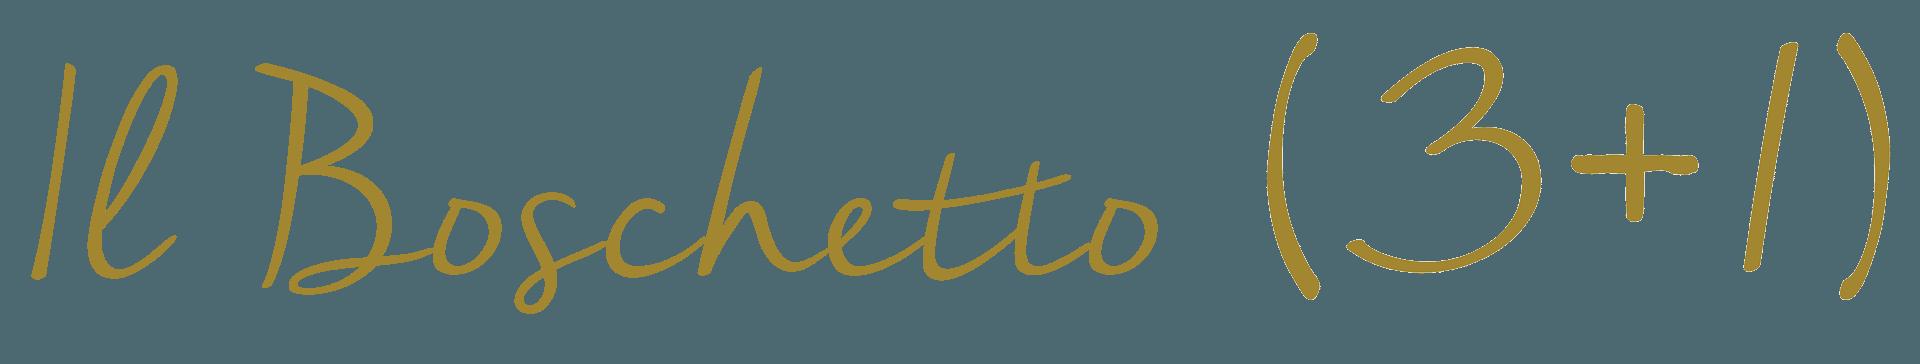 ilboschetto-titolo